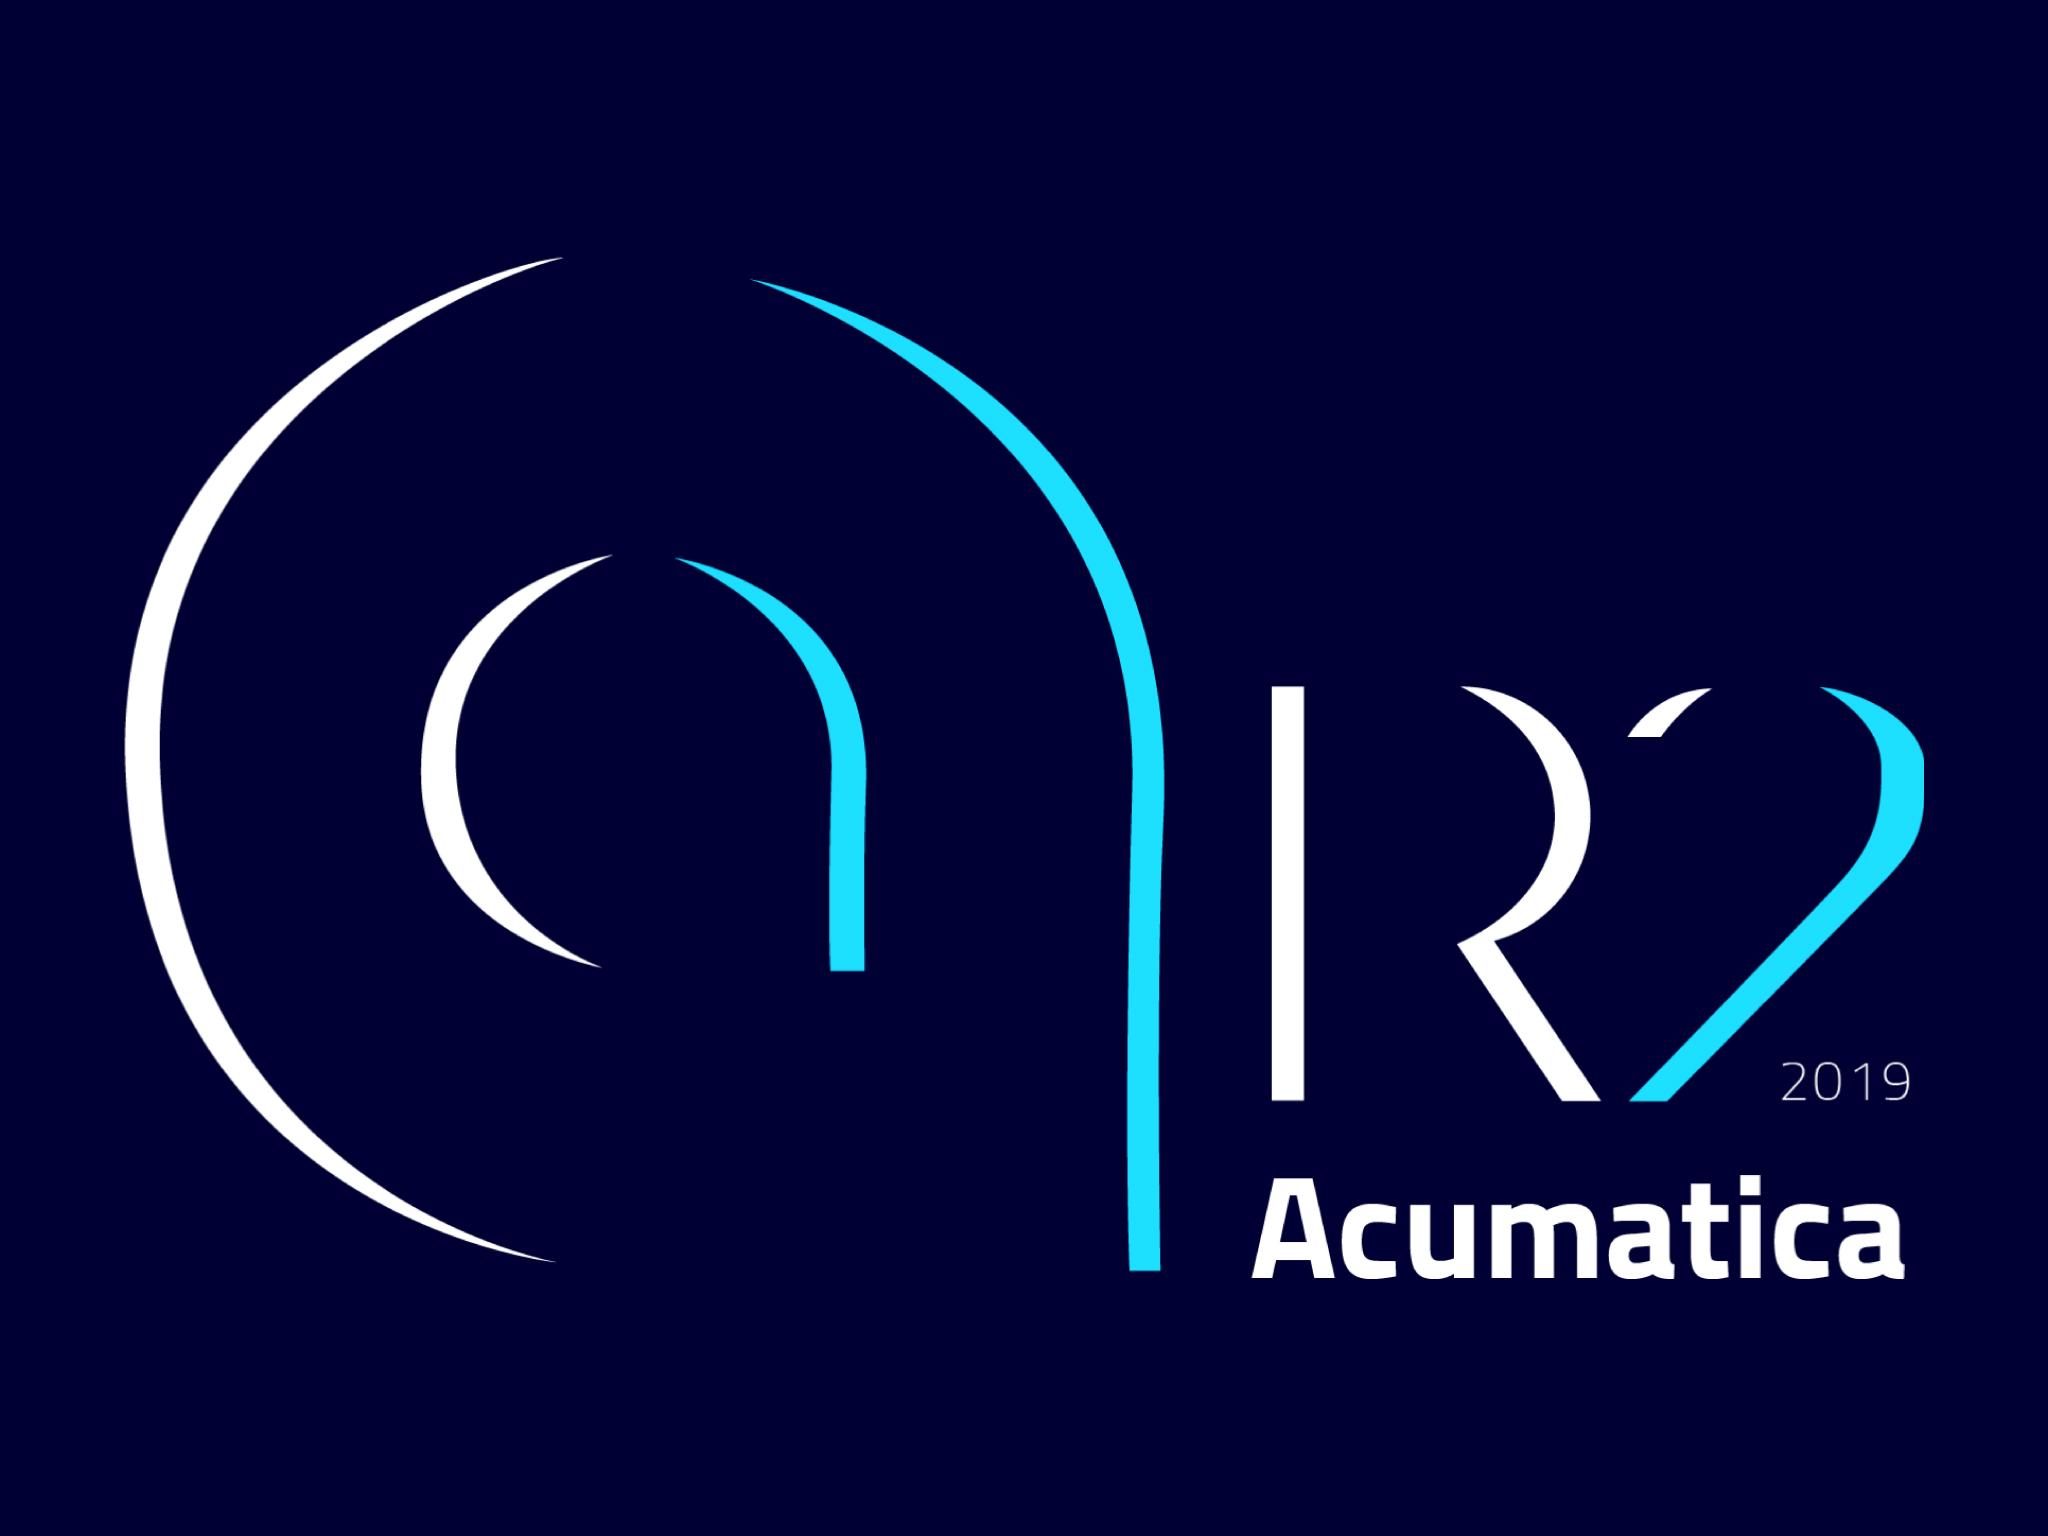 Acumatica R2